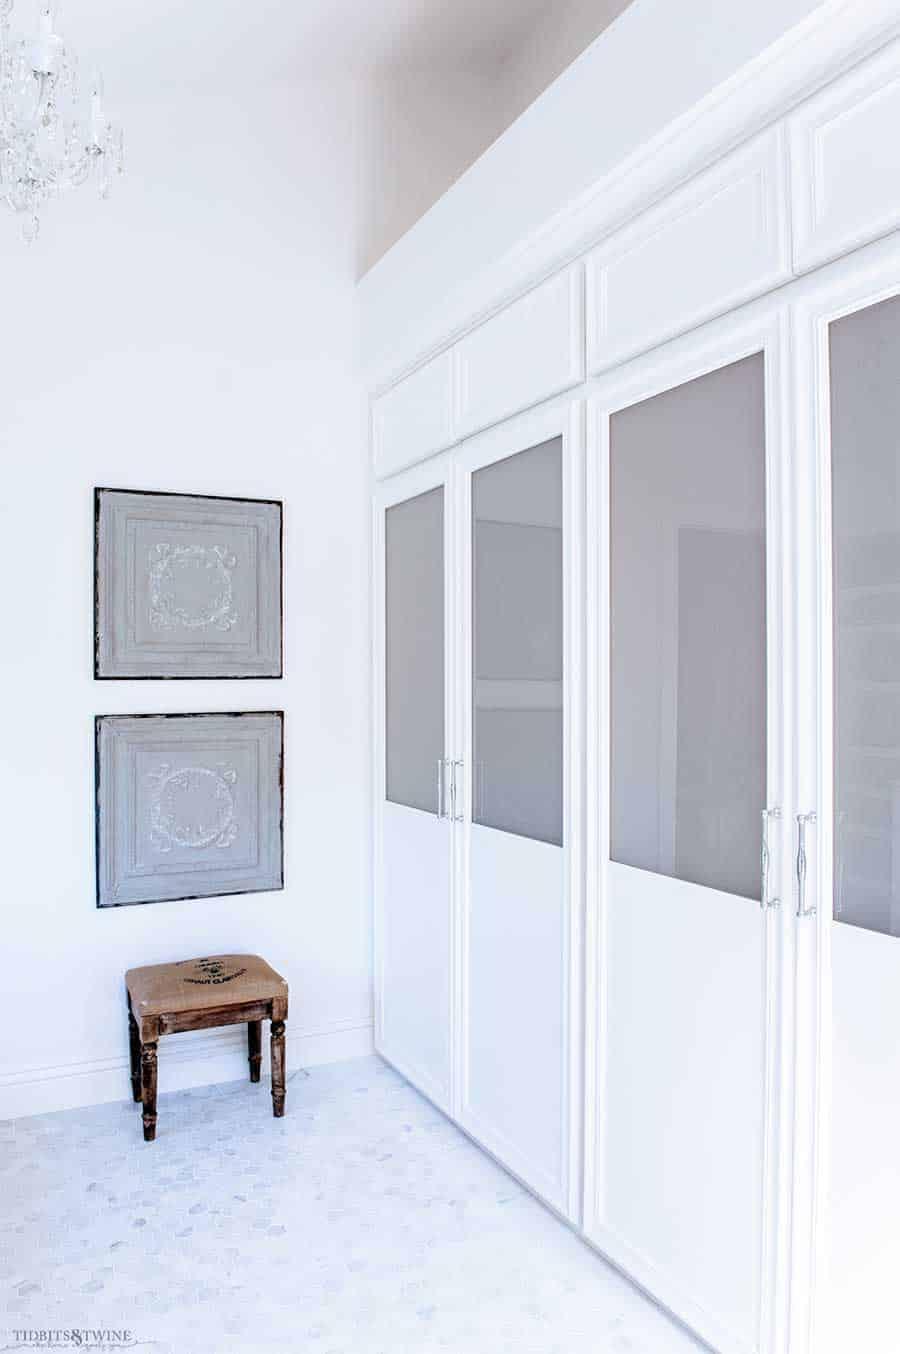 Ladrilho hexagonal branco em um banheiro com portas de armário de vidro fosco.